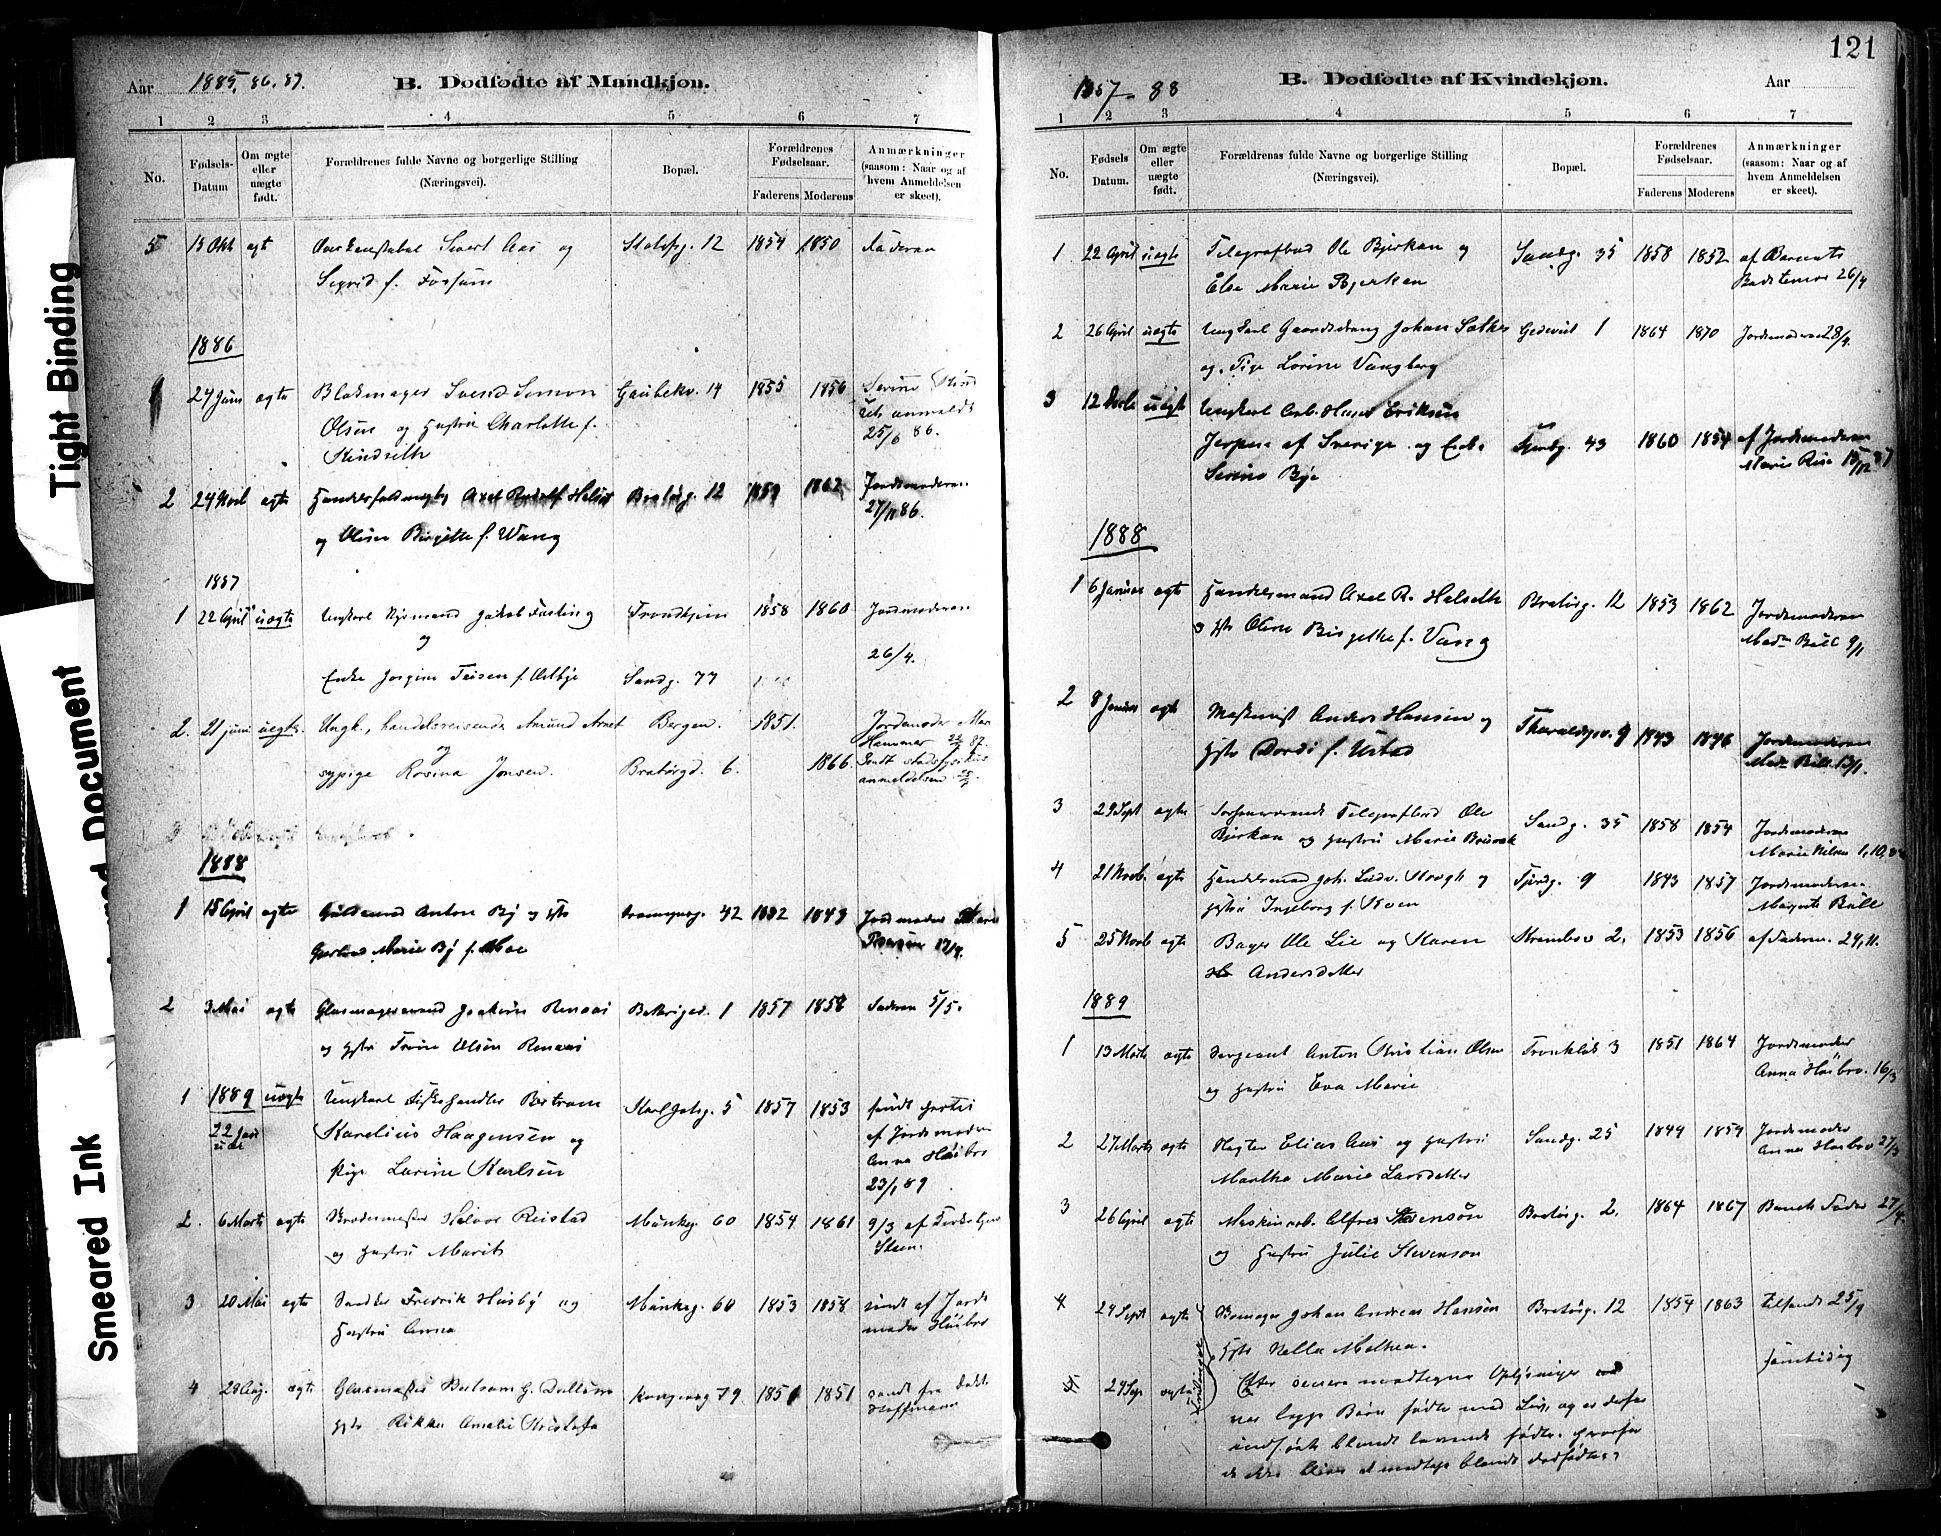 SAT, Ministerialprotokoller, klokkerbøker og fødselsregistre - Sør-Trøndelag, 602/L0119: Ministerialbok nr. 602A17, 1880-1901, s. 121